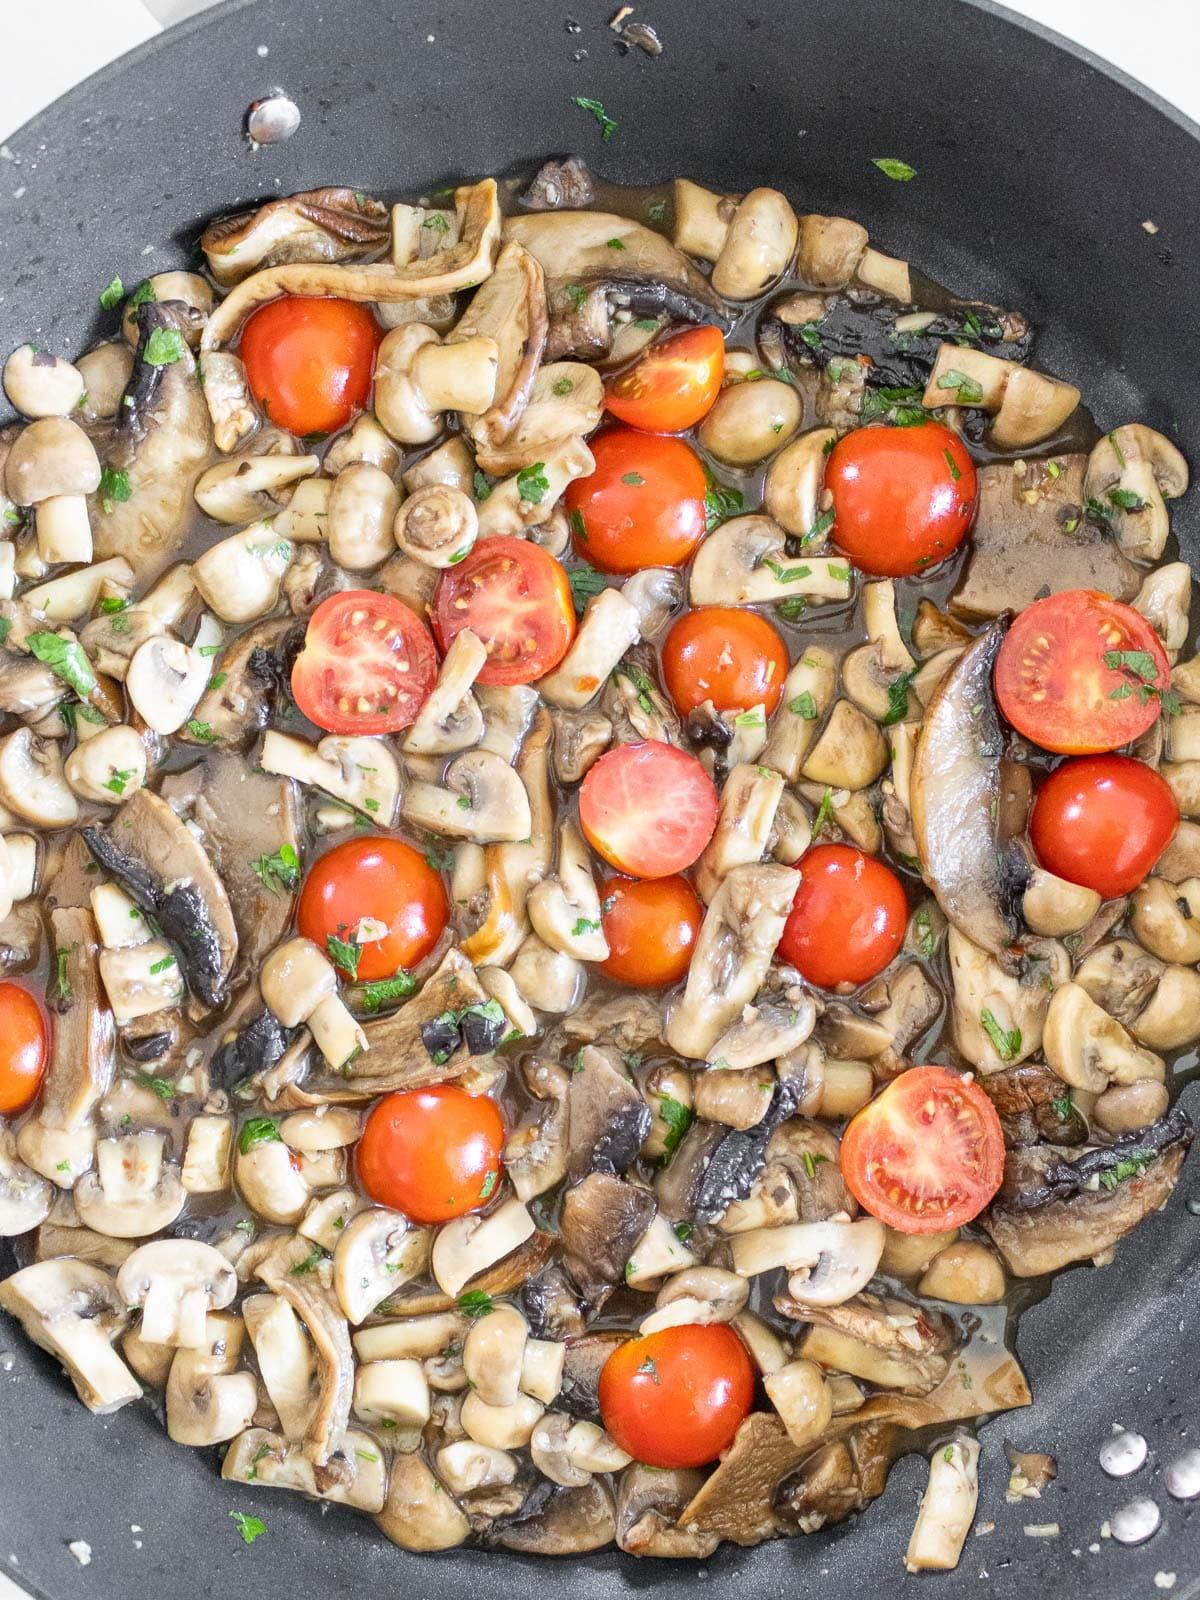 aggiungendo pomodorini e prezzemolo alla salsa di funghi vegana